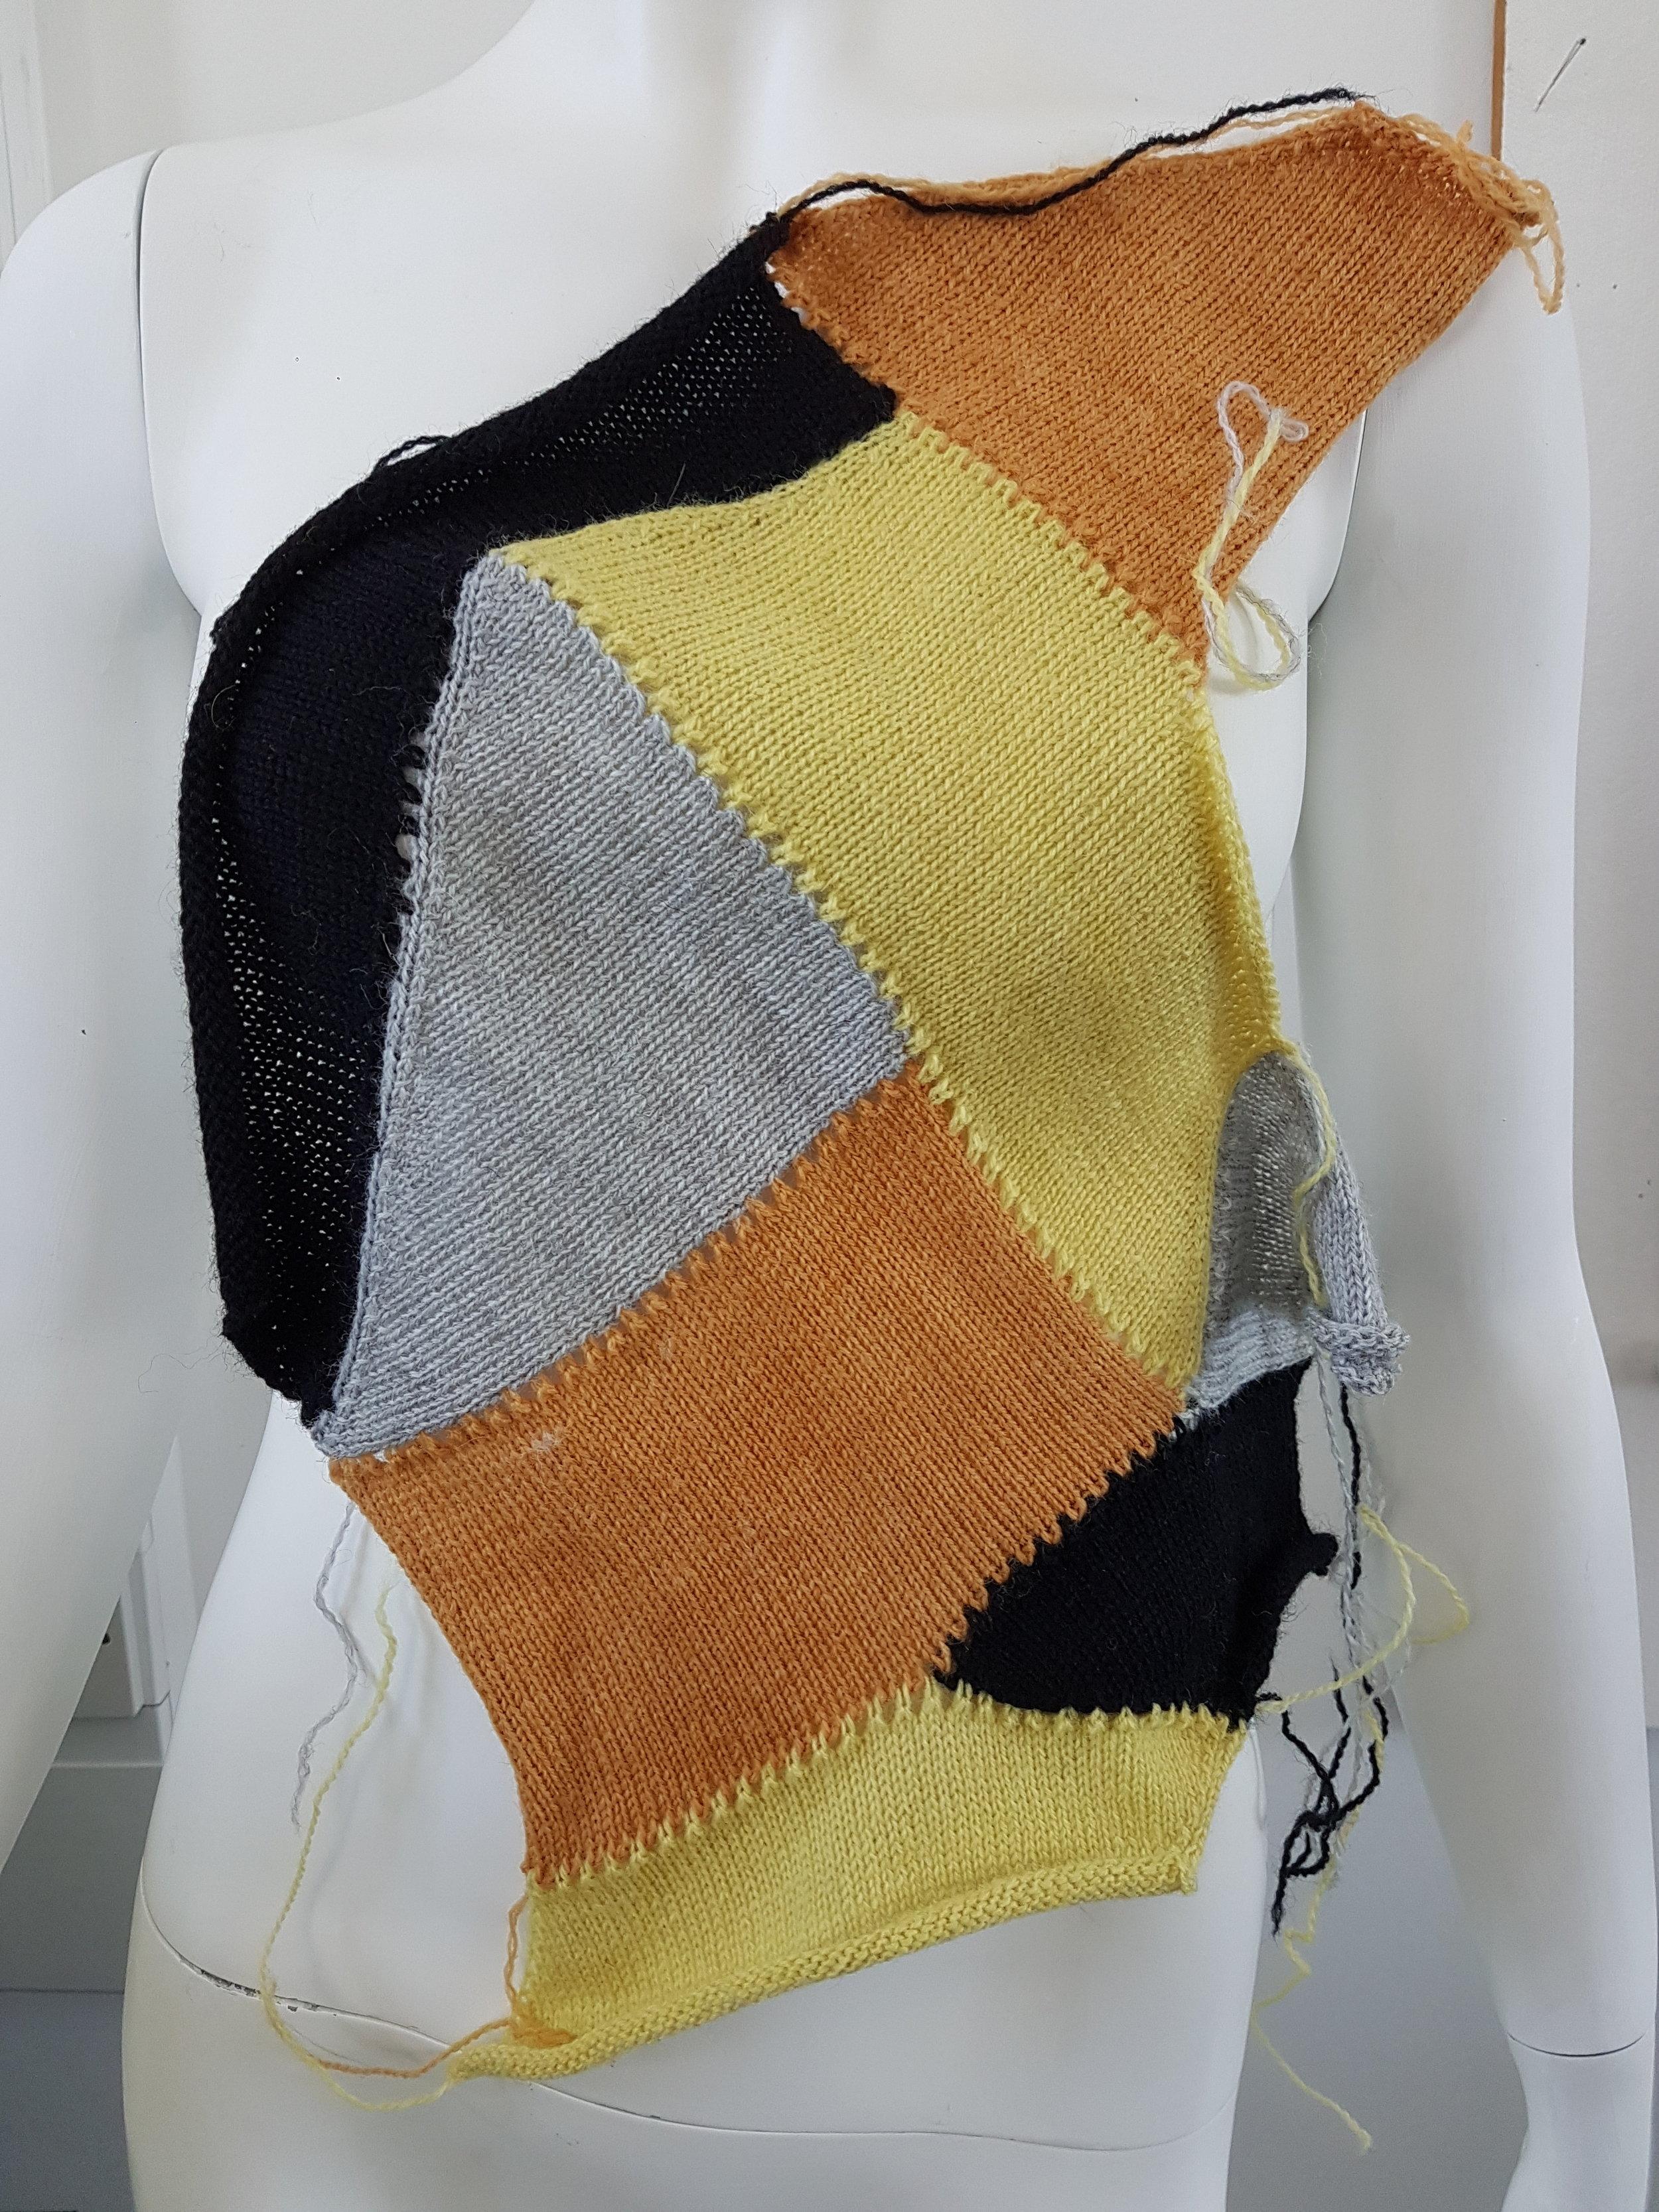 Burns, R. 2018. Modular Machine Knitting 3. Photograph.